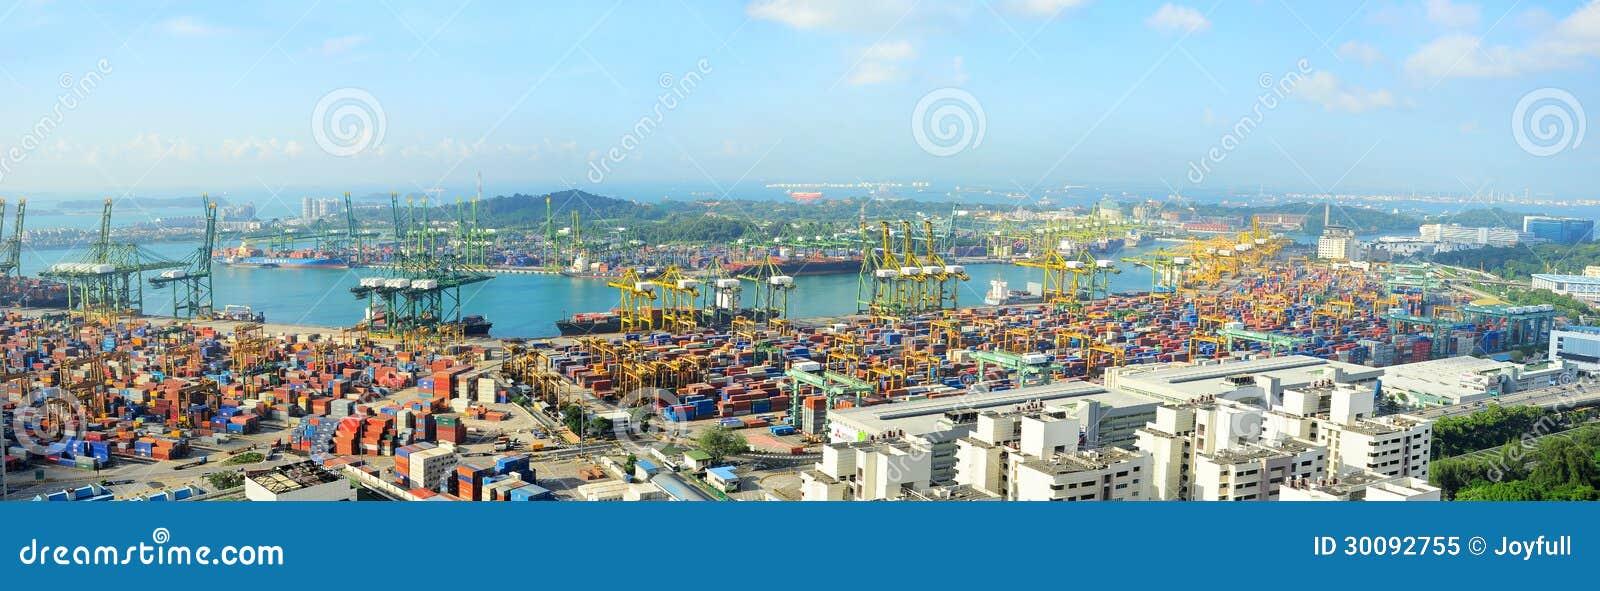 De haven van Singapore